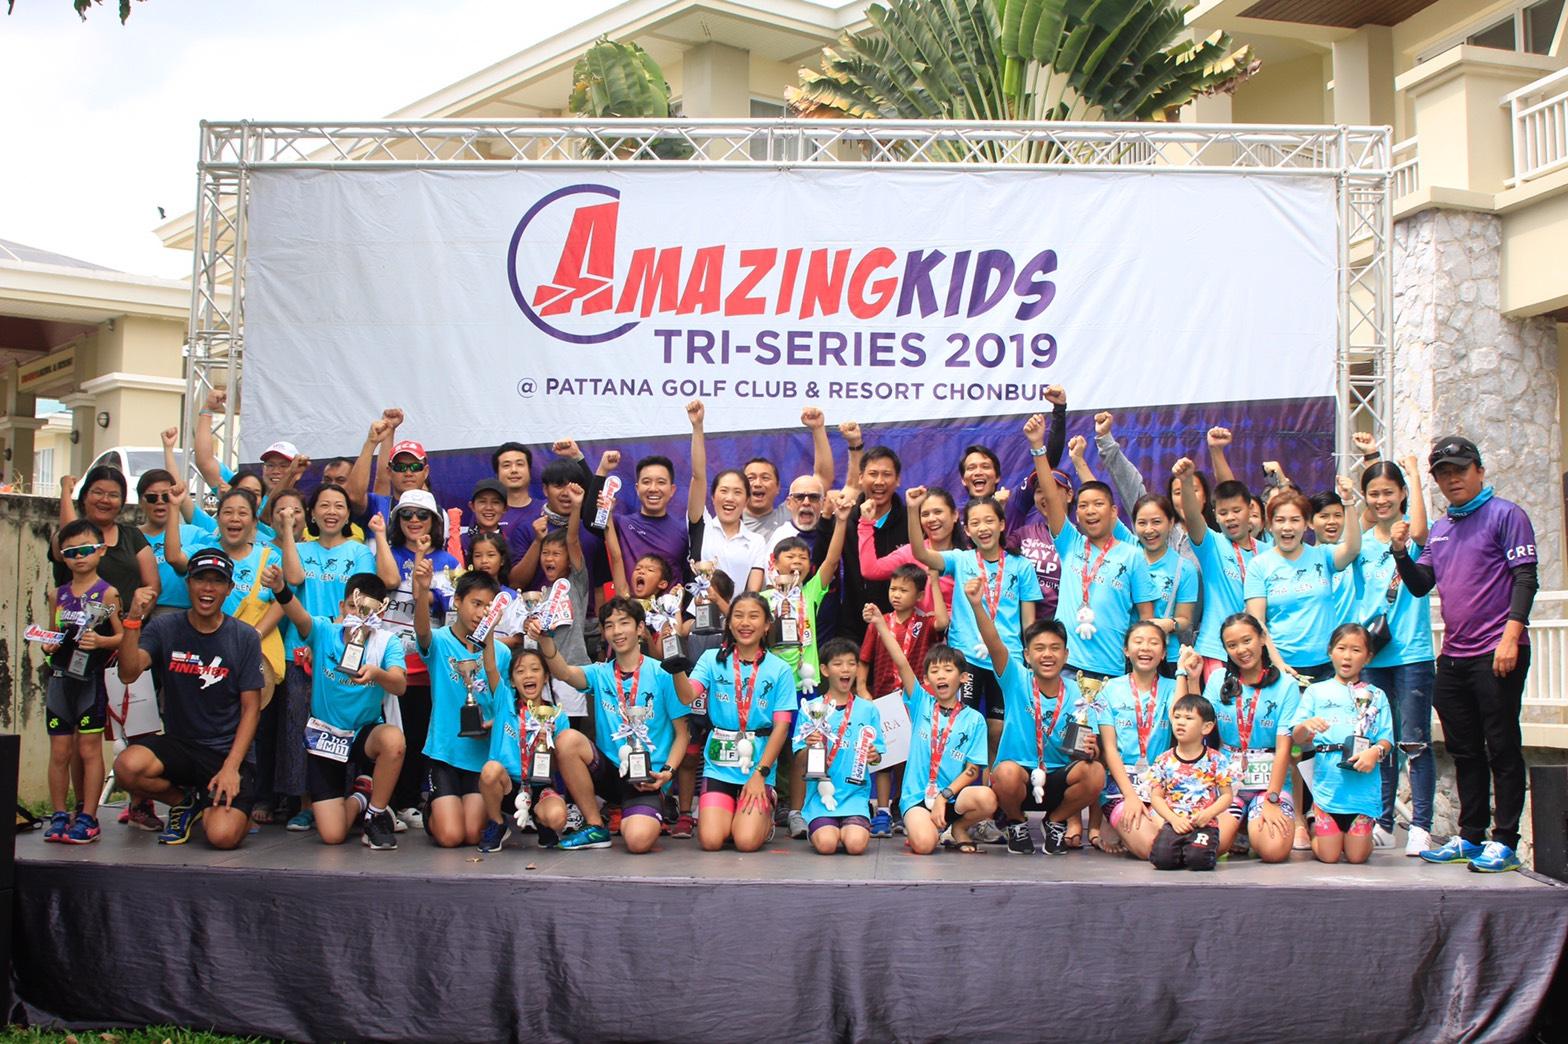 เจ้าหนูจอมอึด แชมป์ไตรกีฬาเด็ก อะเมซซิ่งคิดส์ ไตร-ซีรี่ย์ 2019